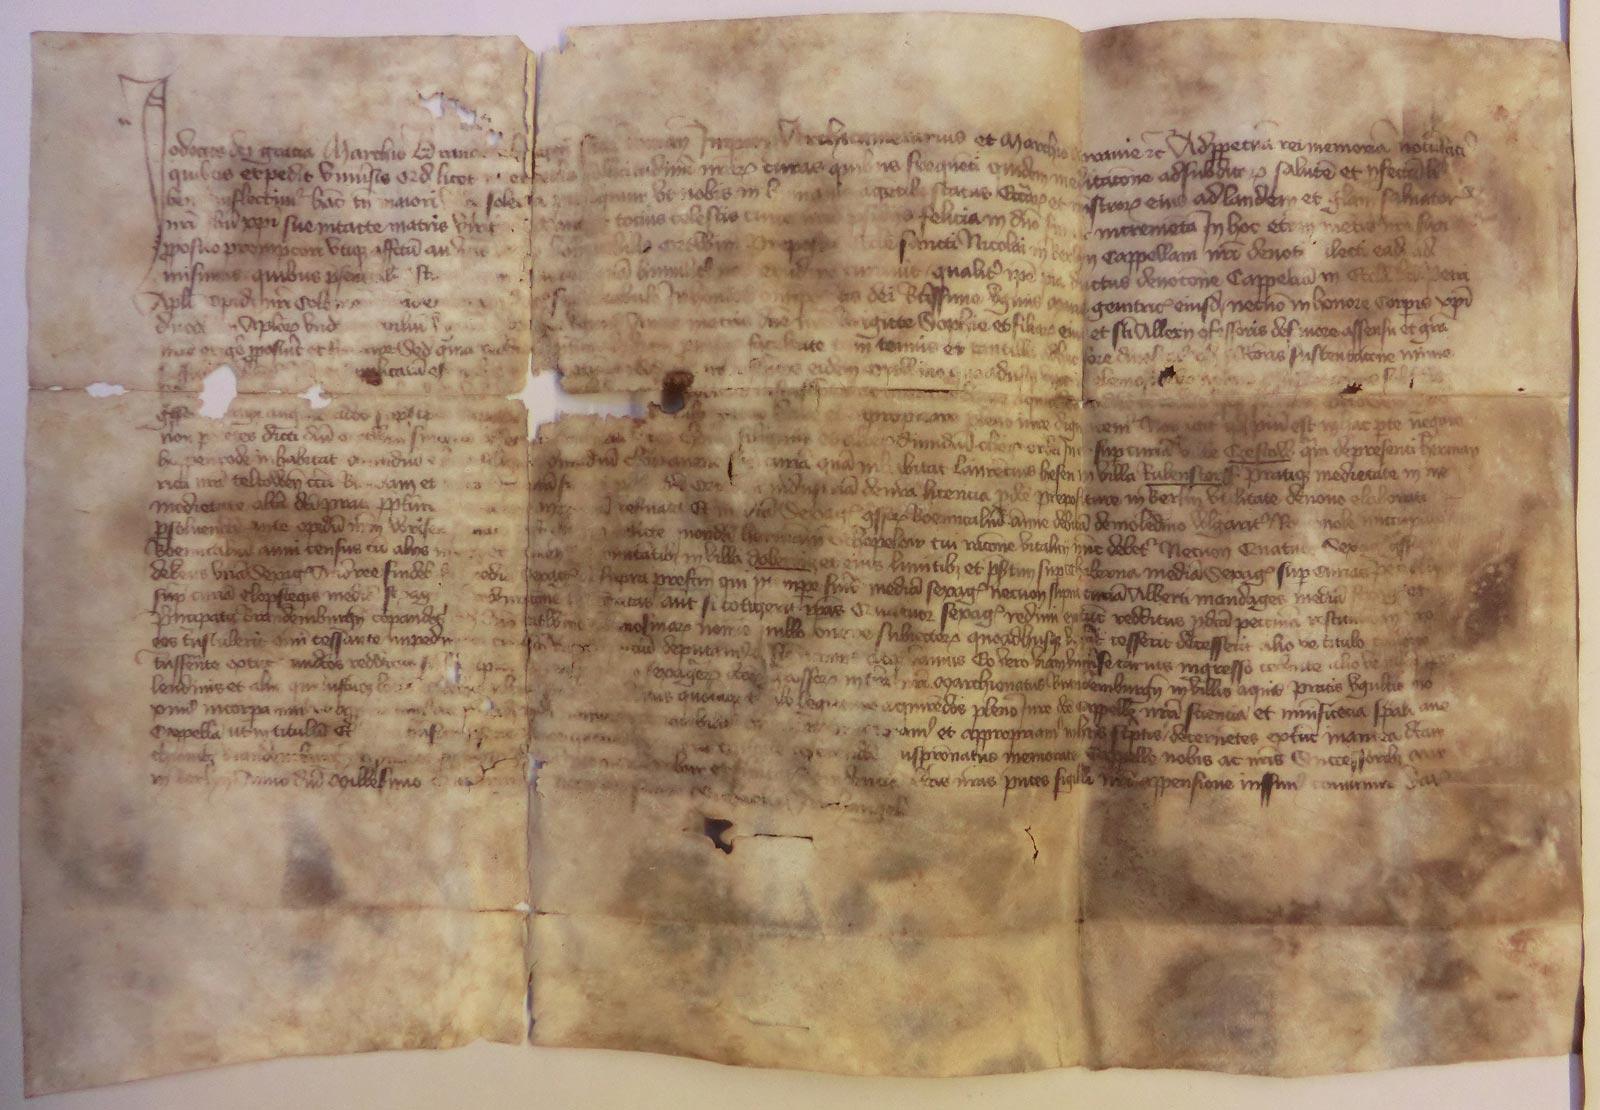 Ältestes Dokument des Domarchivs: Urkunde Markgraf Josts vom 29.09.1409 über die Stiftung einer Kapelle in der Petrikirche Cölln (Bestand 9, Nr.10).